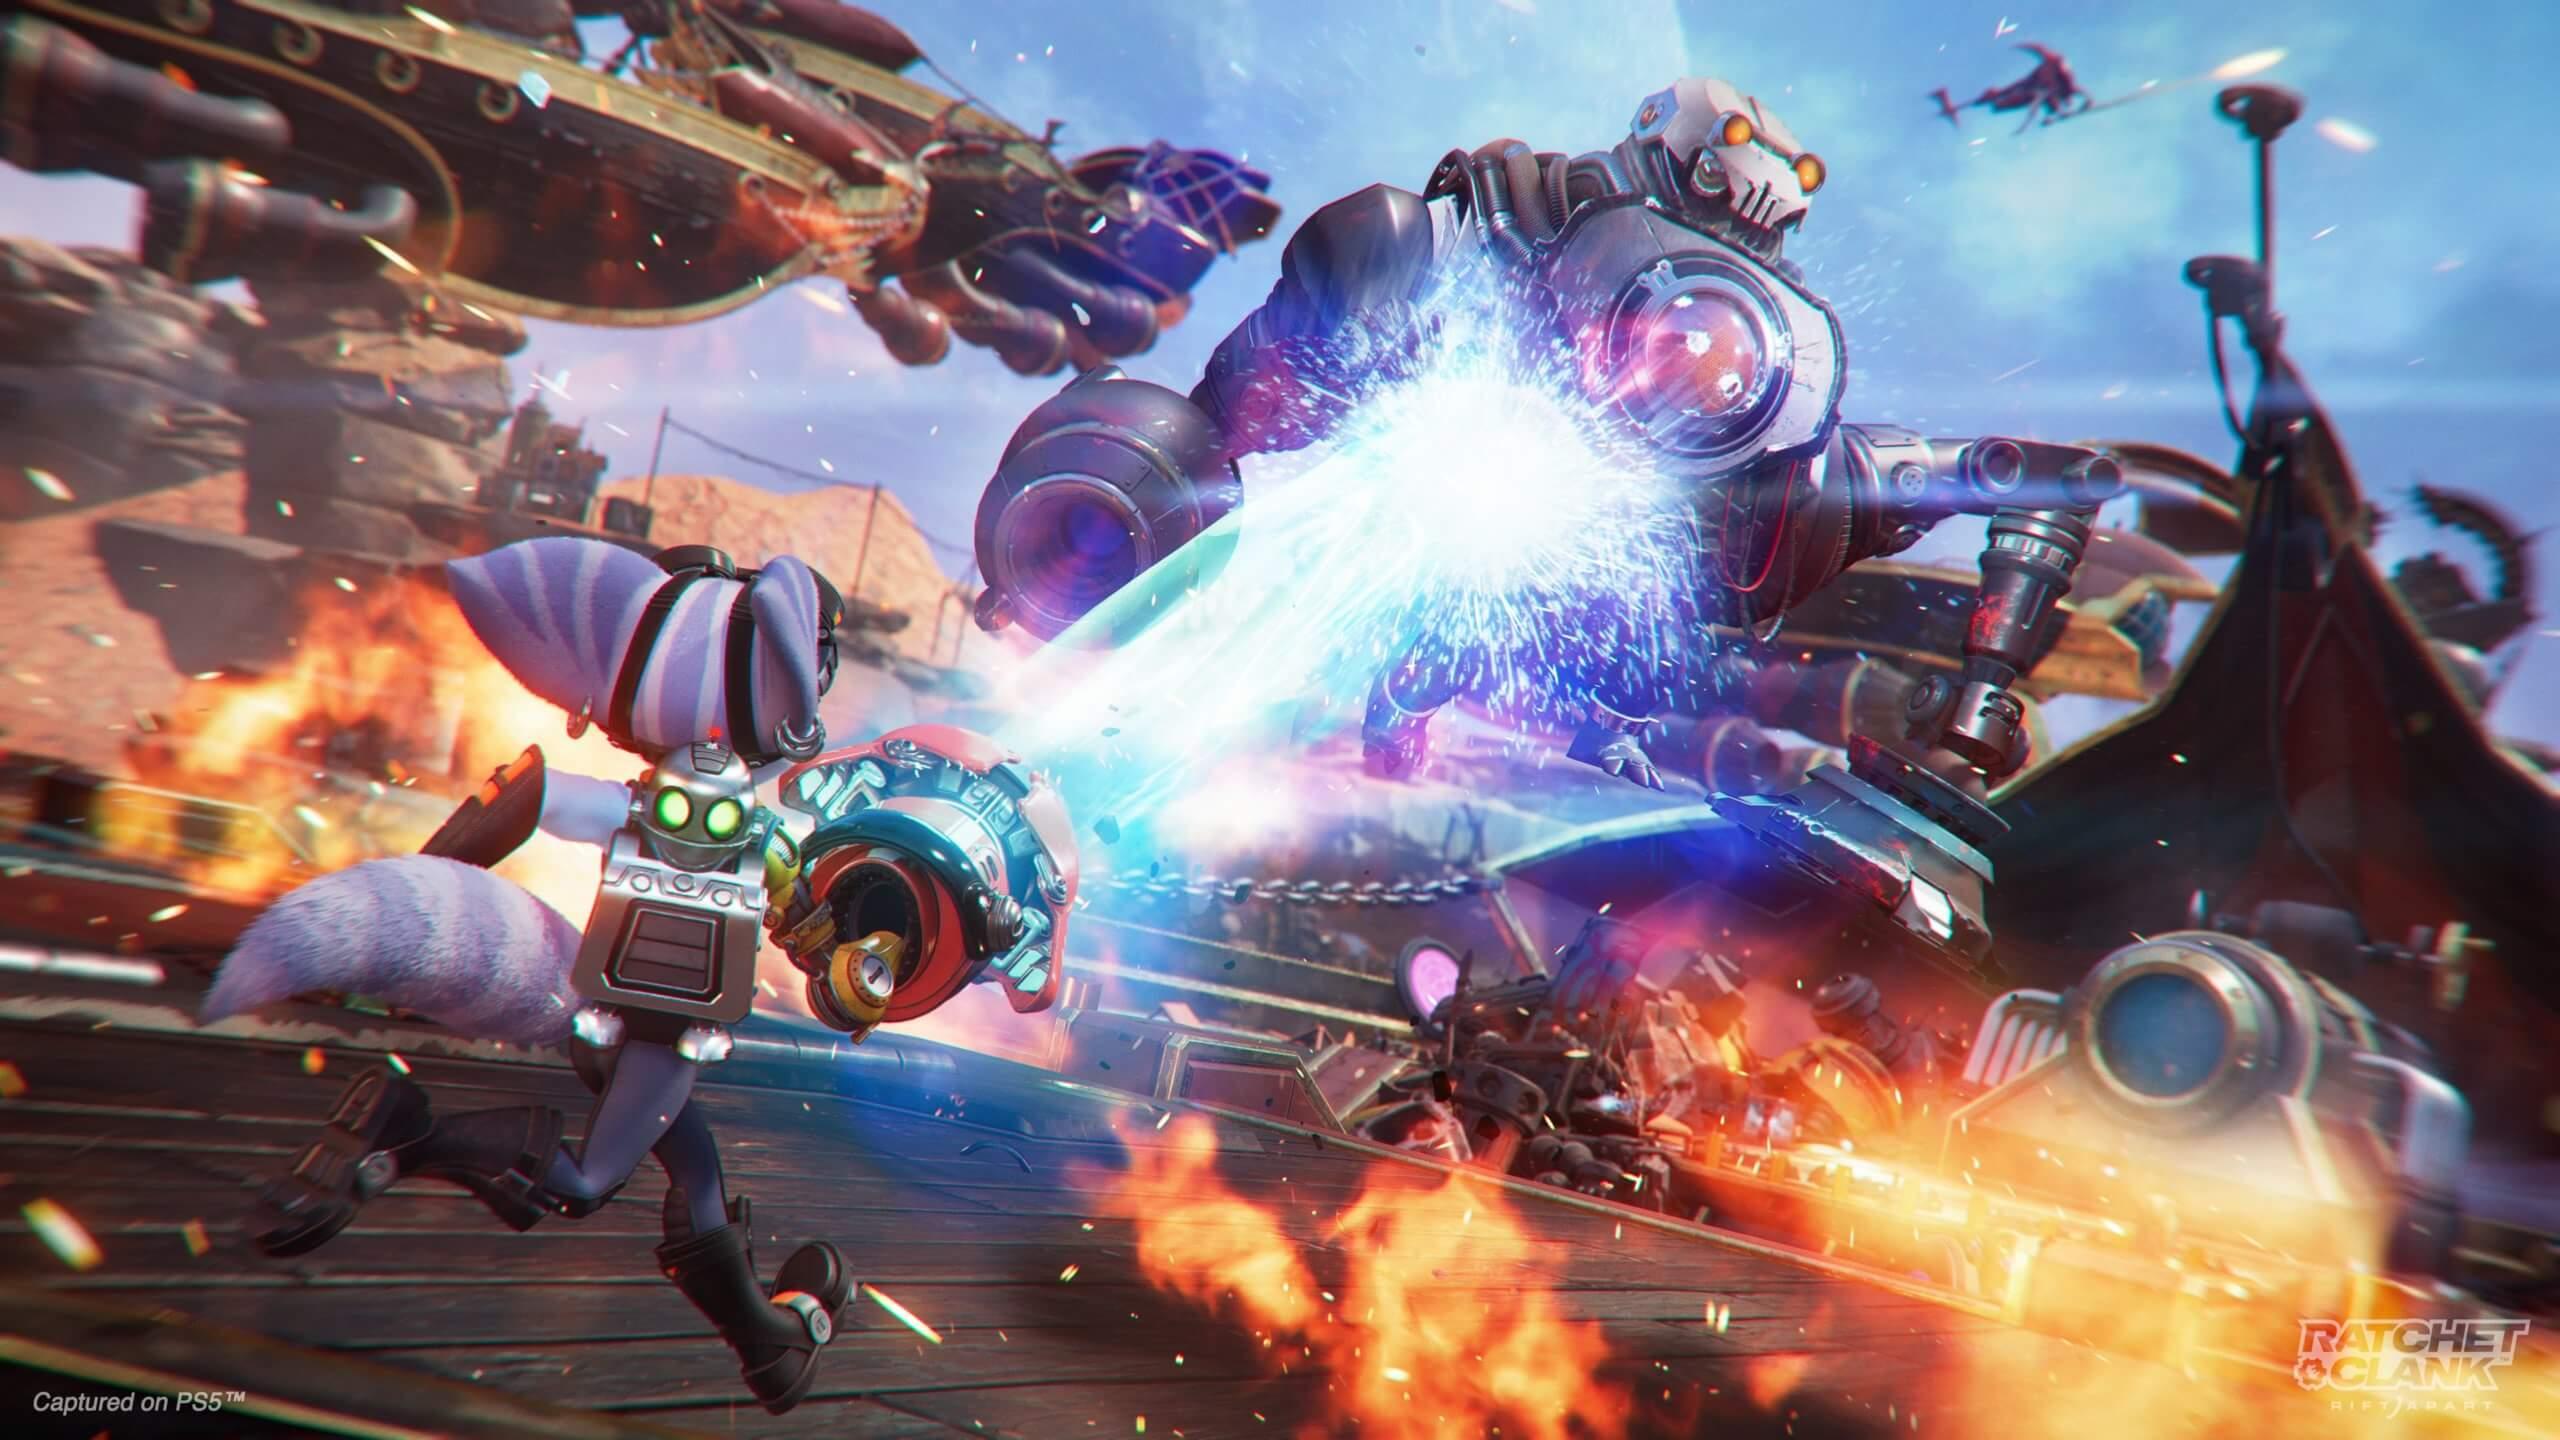 Ratchet & Clank: Rift Apart | Las armas dispararán diferente por la intensidad con la que aprietes el gatillo